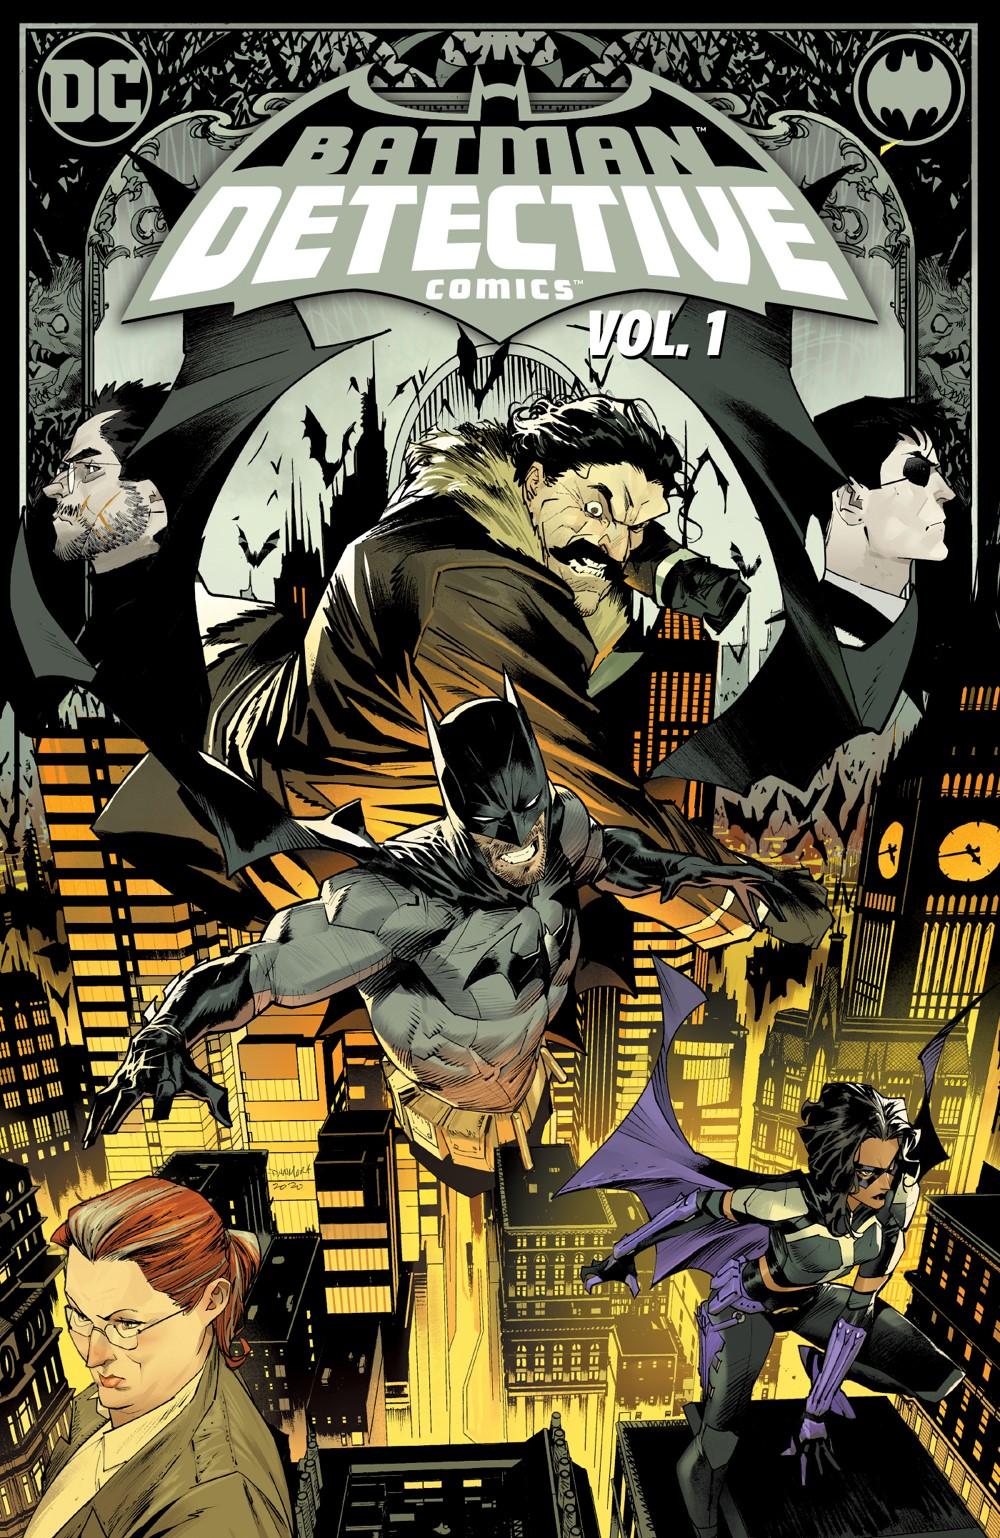 bmdetectivecomics-vol1 DC Comics December 2021 Solicitations